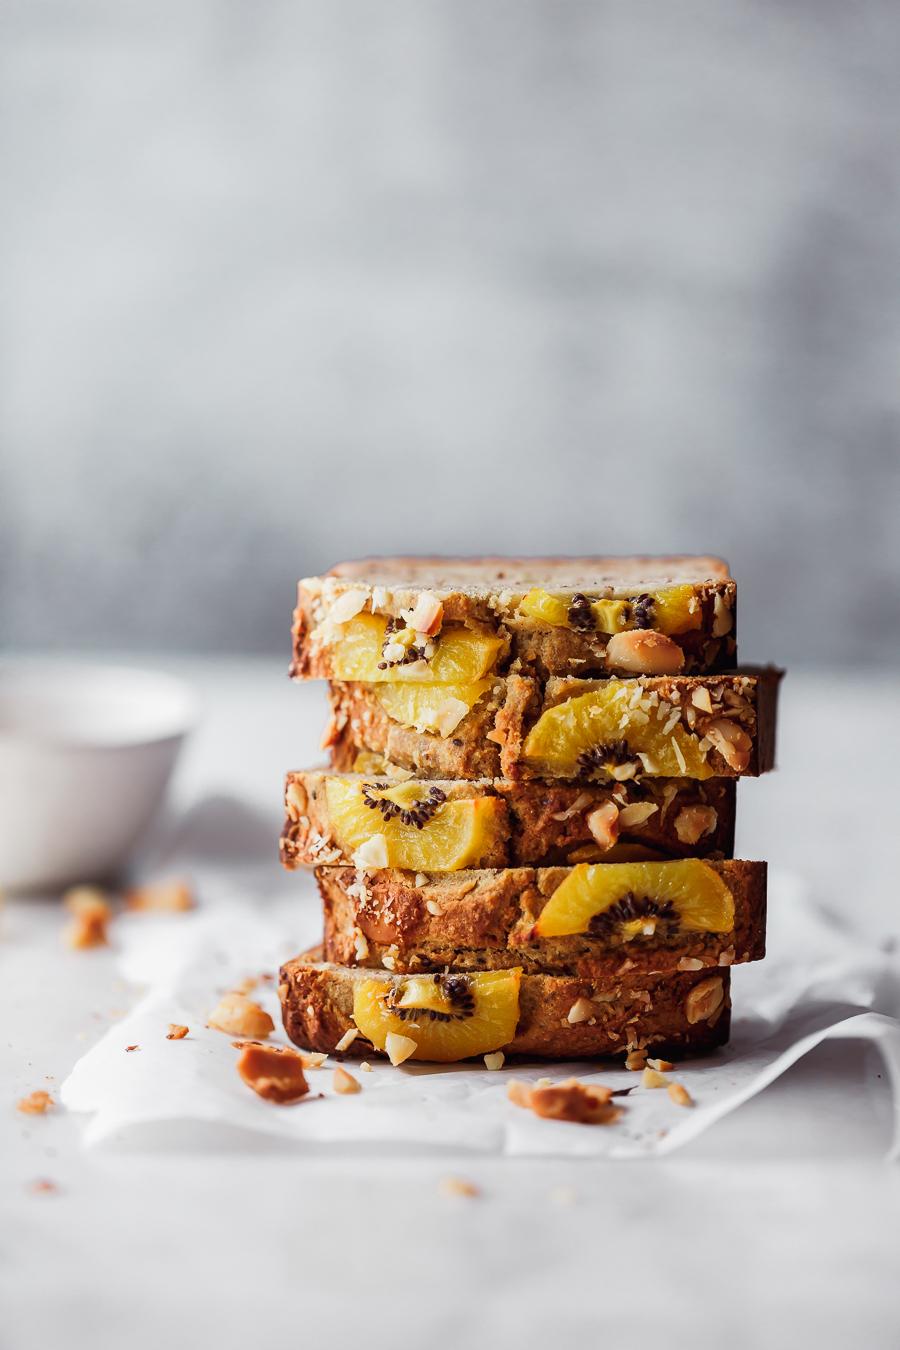 Fünf Scheiben gesundes Kiwi-Banana-Bread übereinandergestapelt